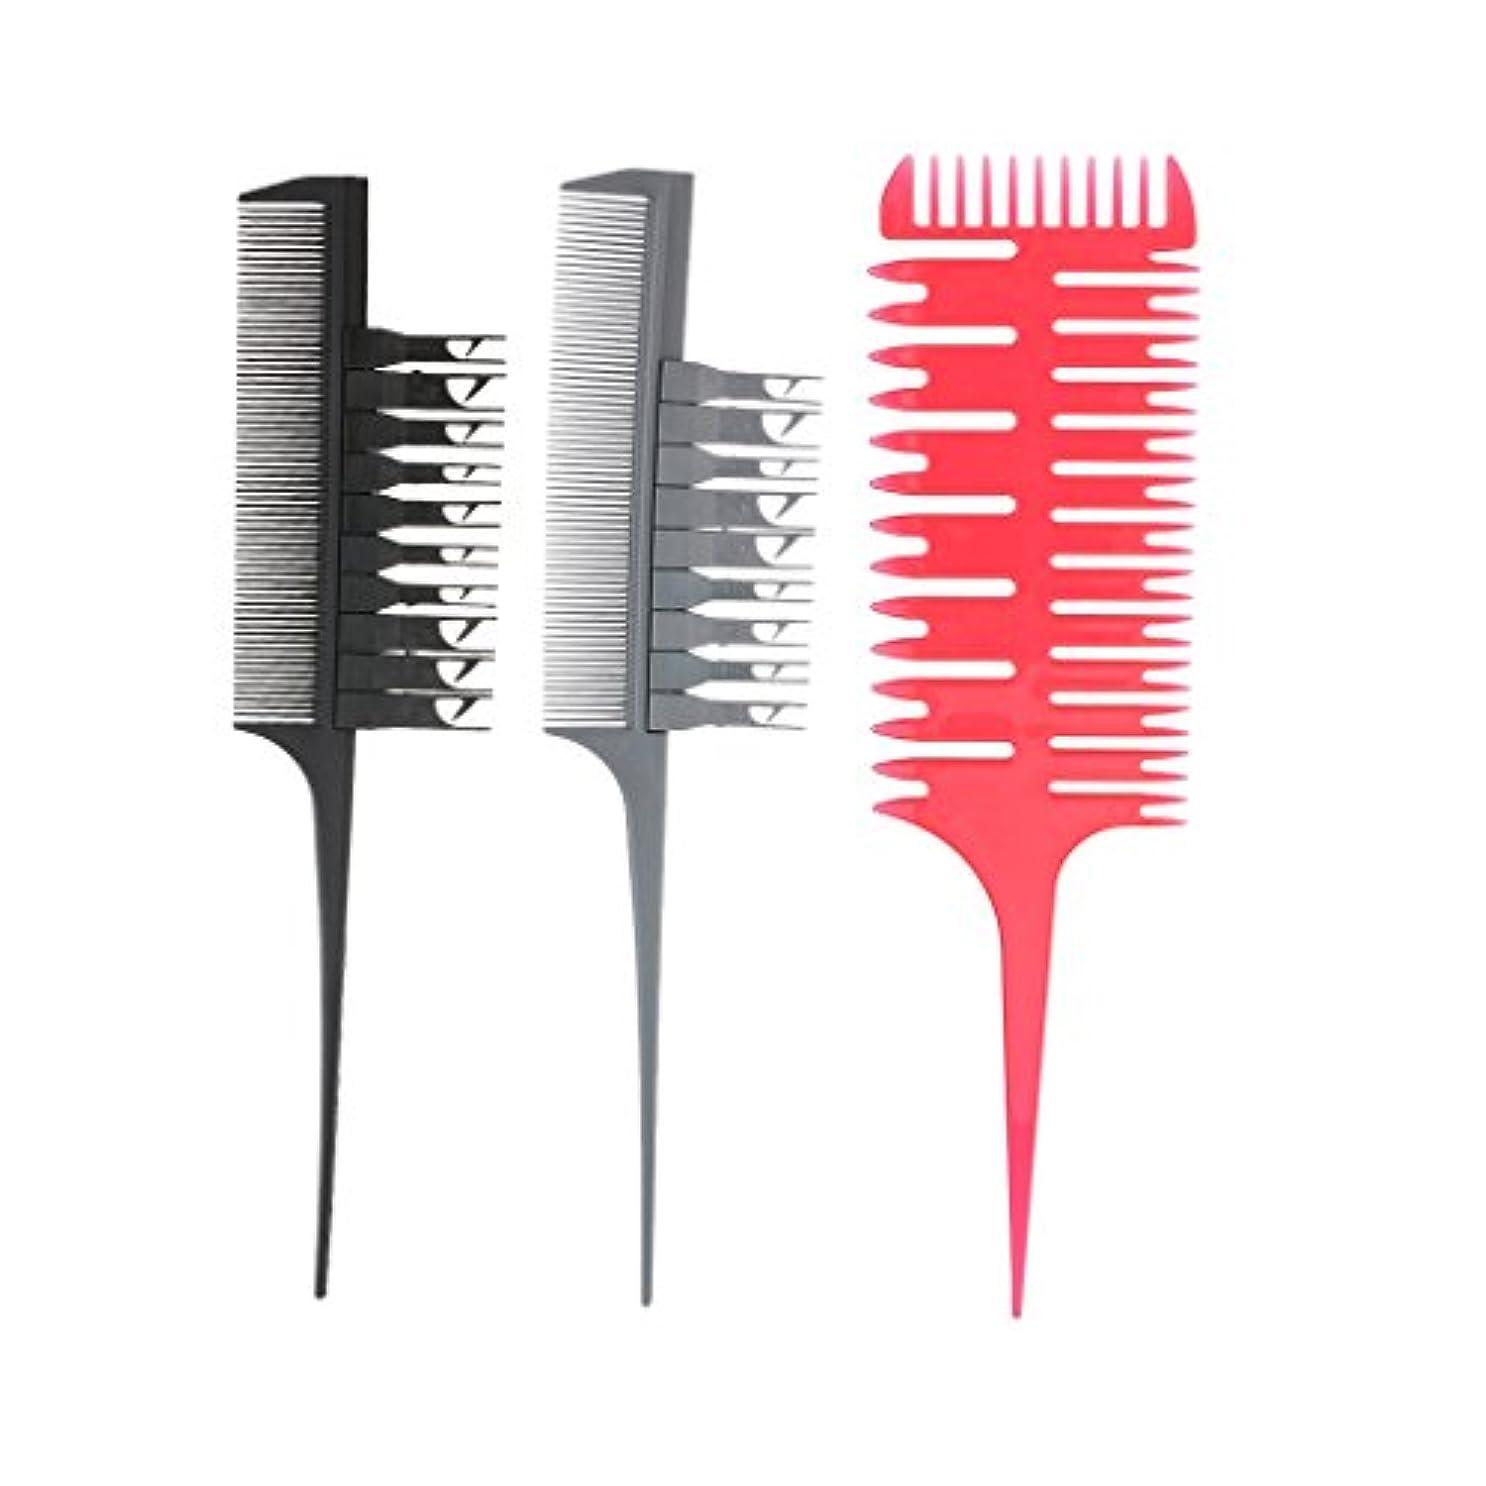 蚊イチゴ検索Perfeclan 3点入り サロン 理容室 染色櫛 染色コーム 織り櫛 髪染め 髪の毛 高品質 ランダム色